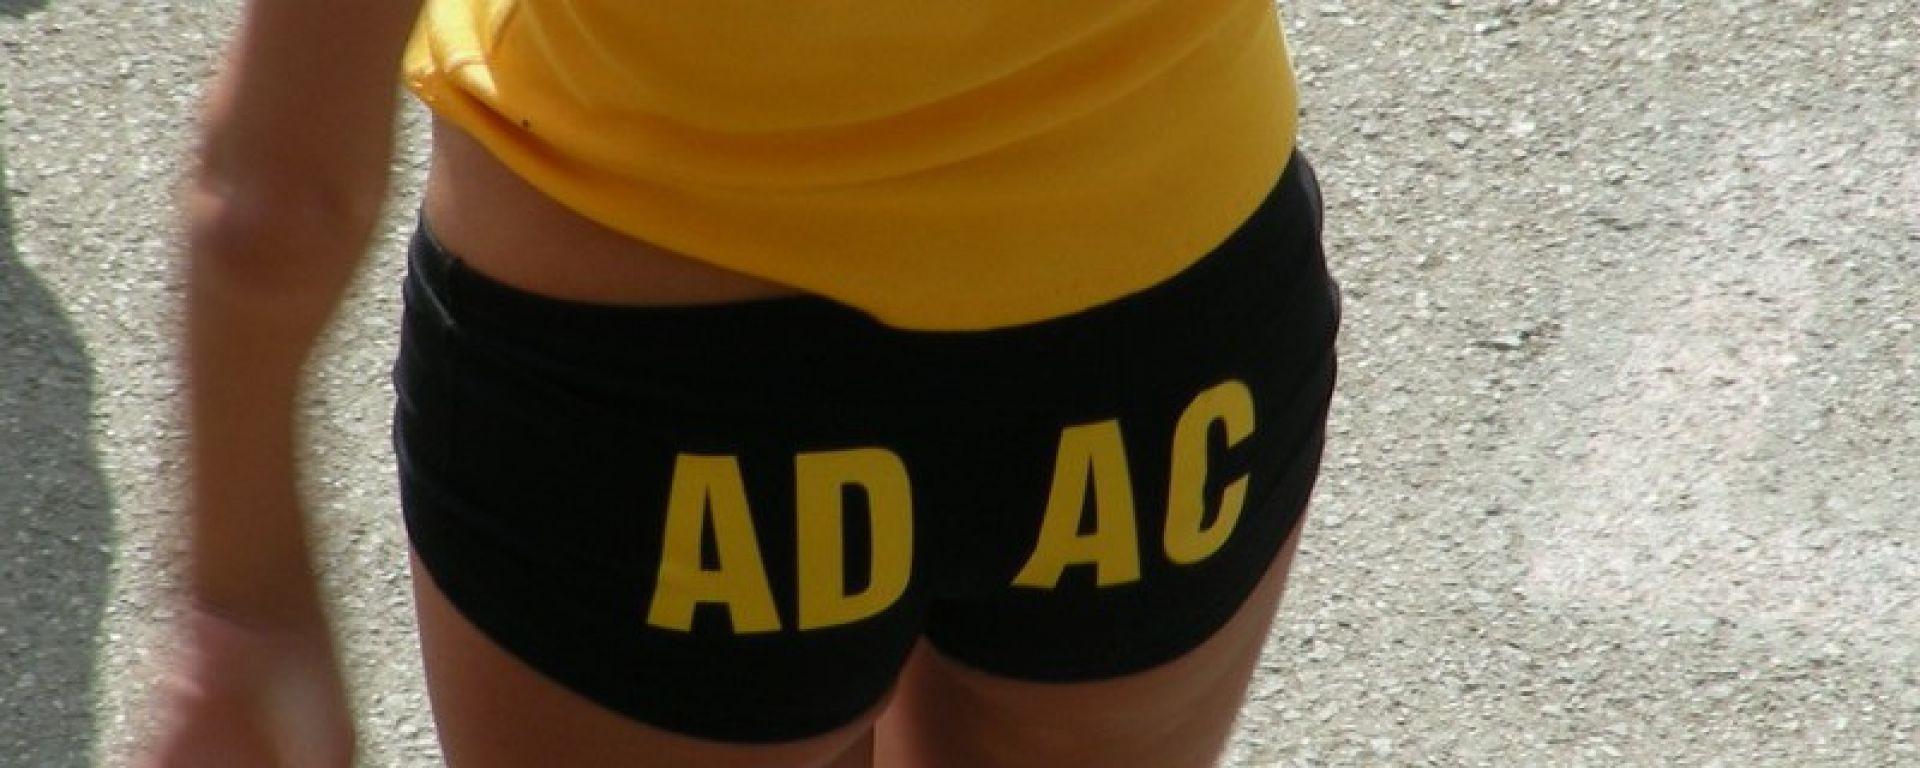 ADAC: le bugie hanno le ruote piccole